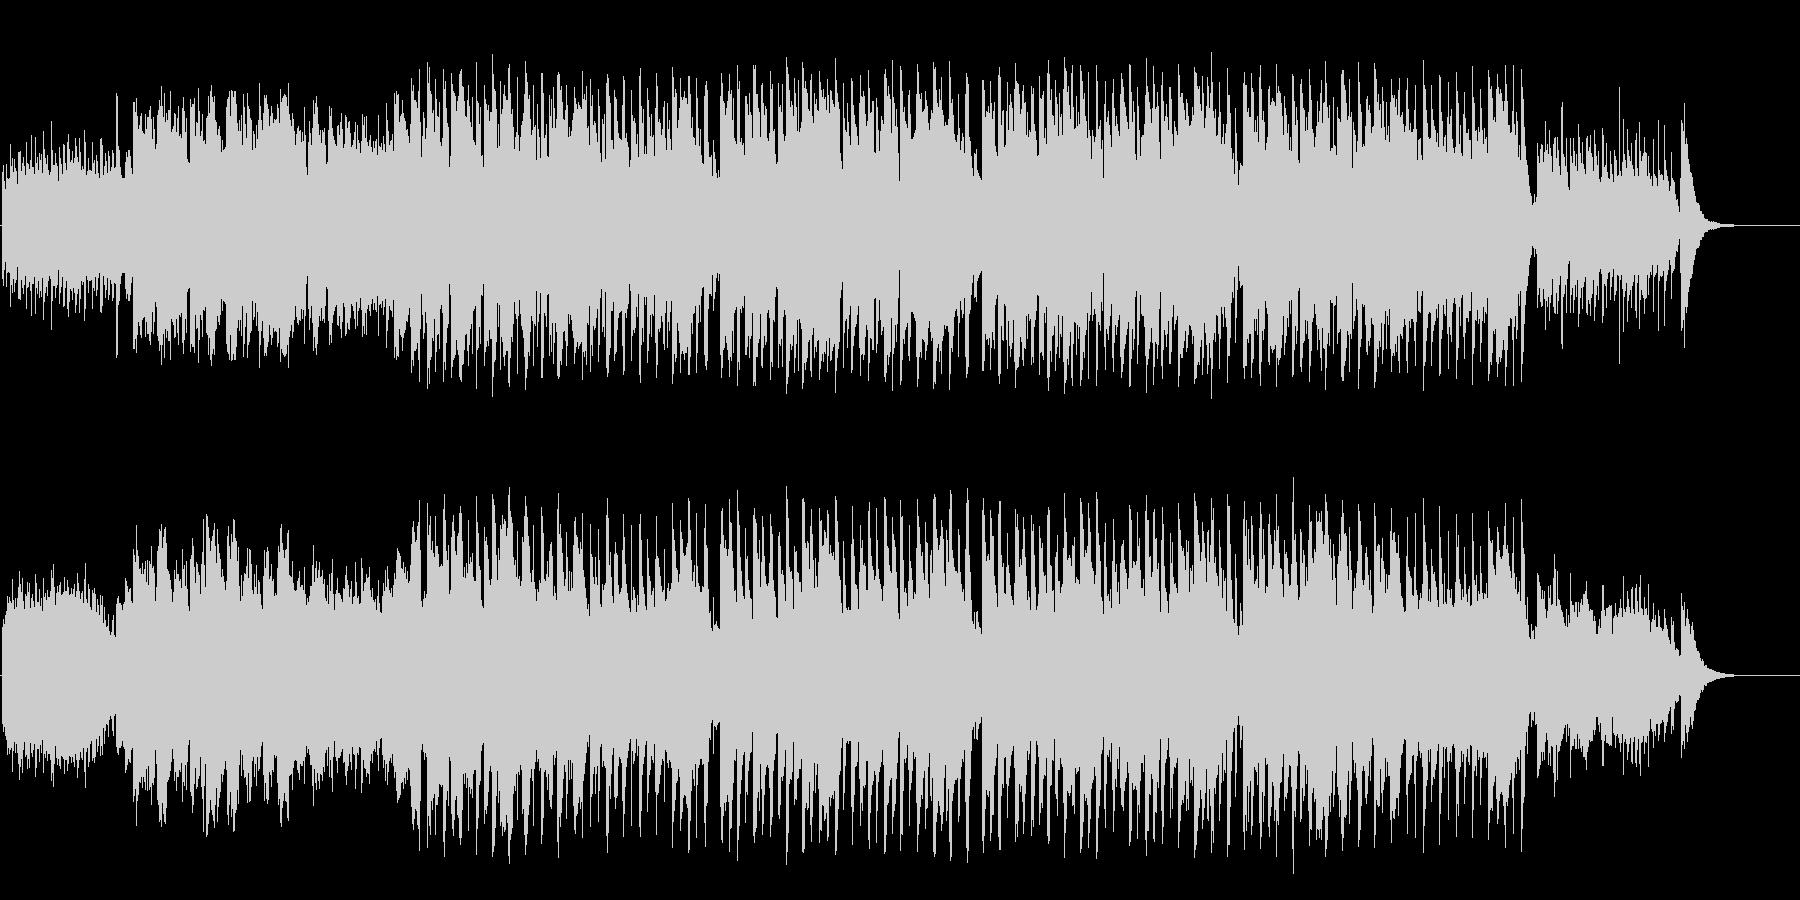 メルヘンなブライダル風セミクラシックの未再生の波形